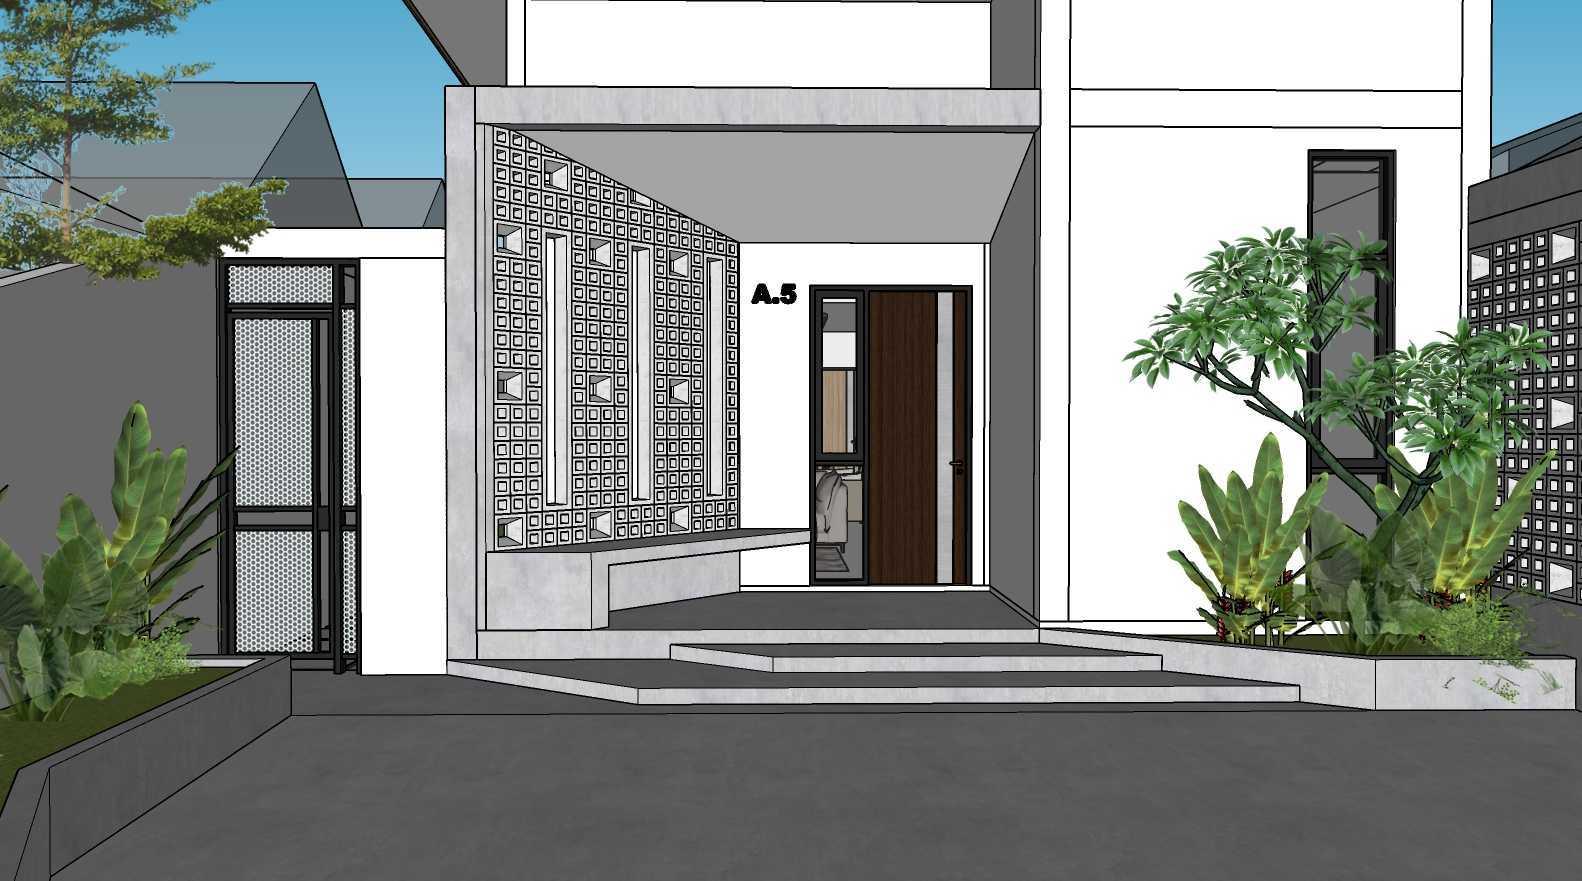 Aesthetic-In Atelier Casa De Elin Kec. Cibeureum, Tasikmalaya, Jawa Barat, Indonesia Kec. Cibeureum, Tasikmalaya, Jawa Barat, Indonesia Aesthetic-In-Atelier-Casa-De-Elin  95195